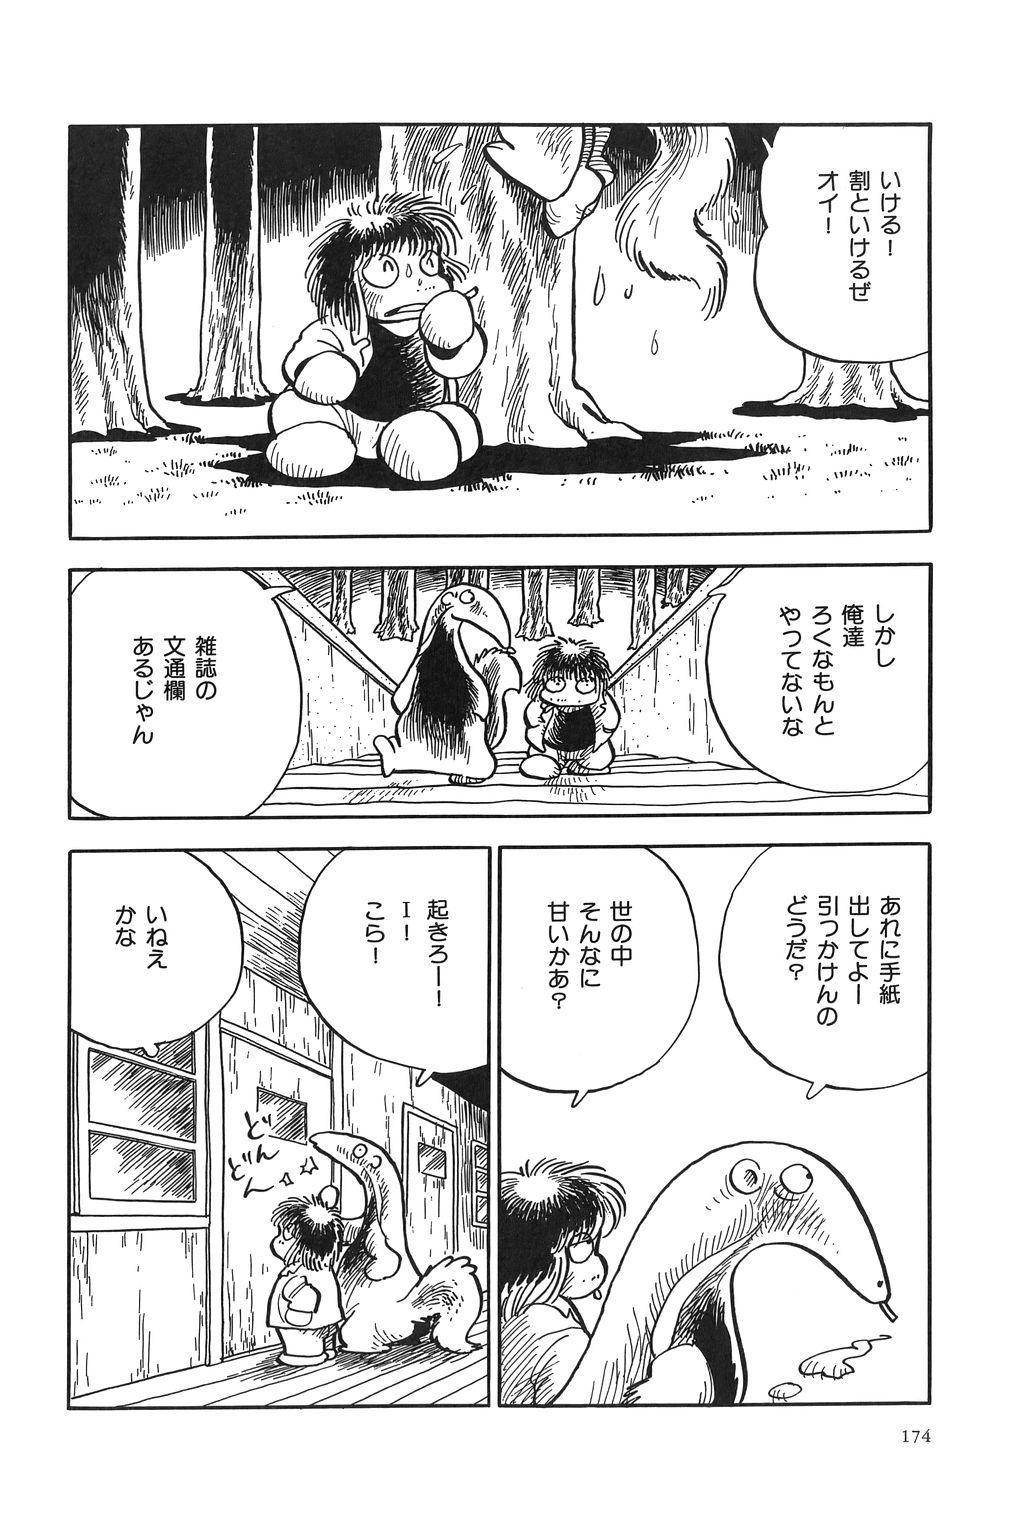 Azuma Hideo Sakuhin Shuusei - Yoru no Tobari no Naka de 176